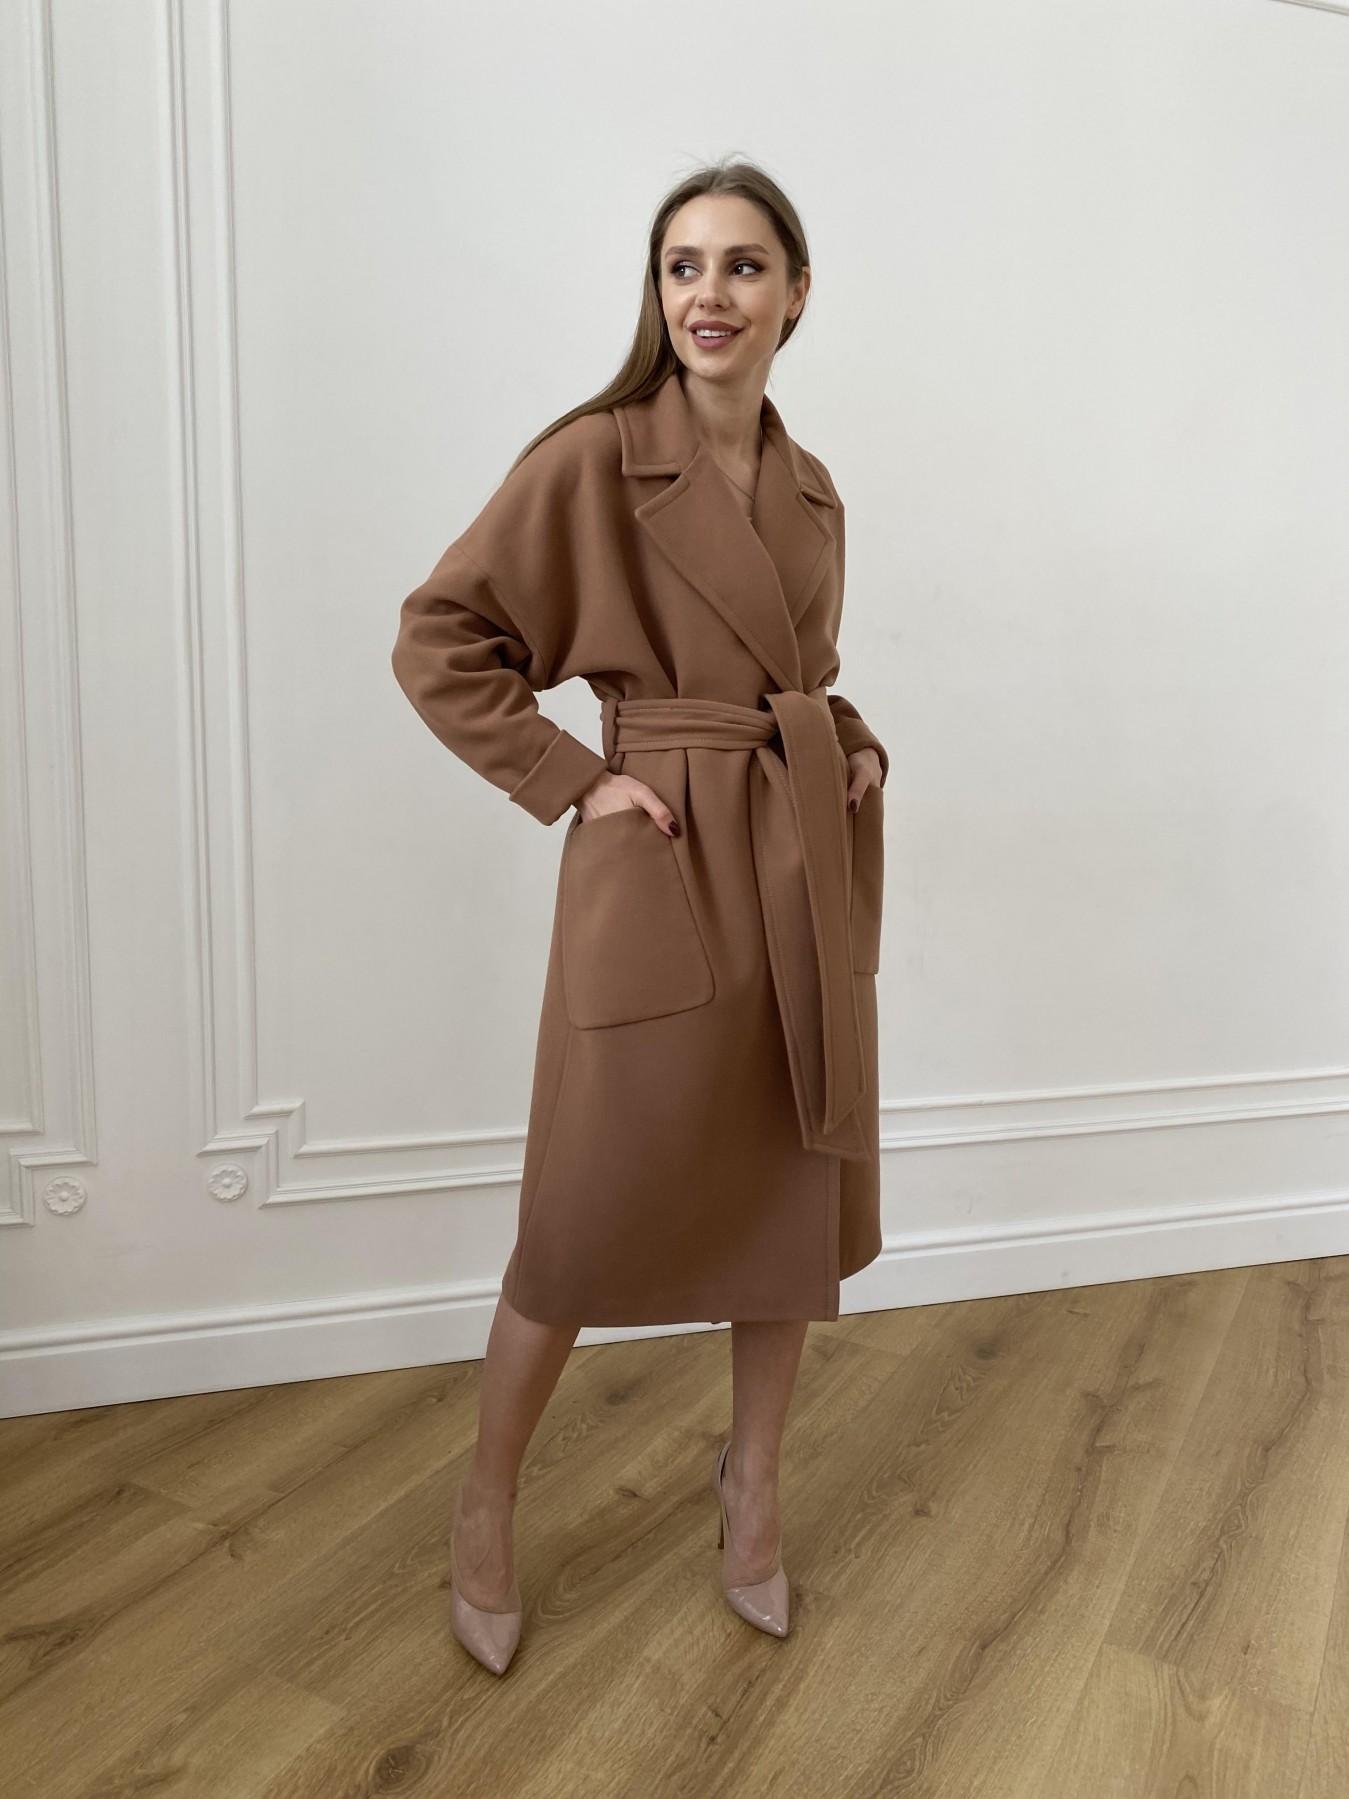 Кейт  пальто из кашемира 10539 АРТ. 47460 Цвет: Кемел Темный 8442 - фото 1, интернет магазин tm-modus.ru